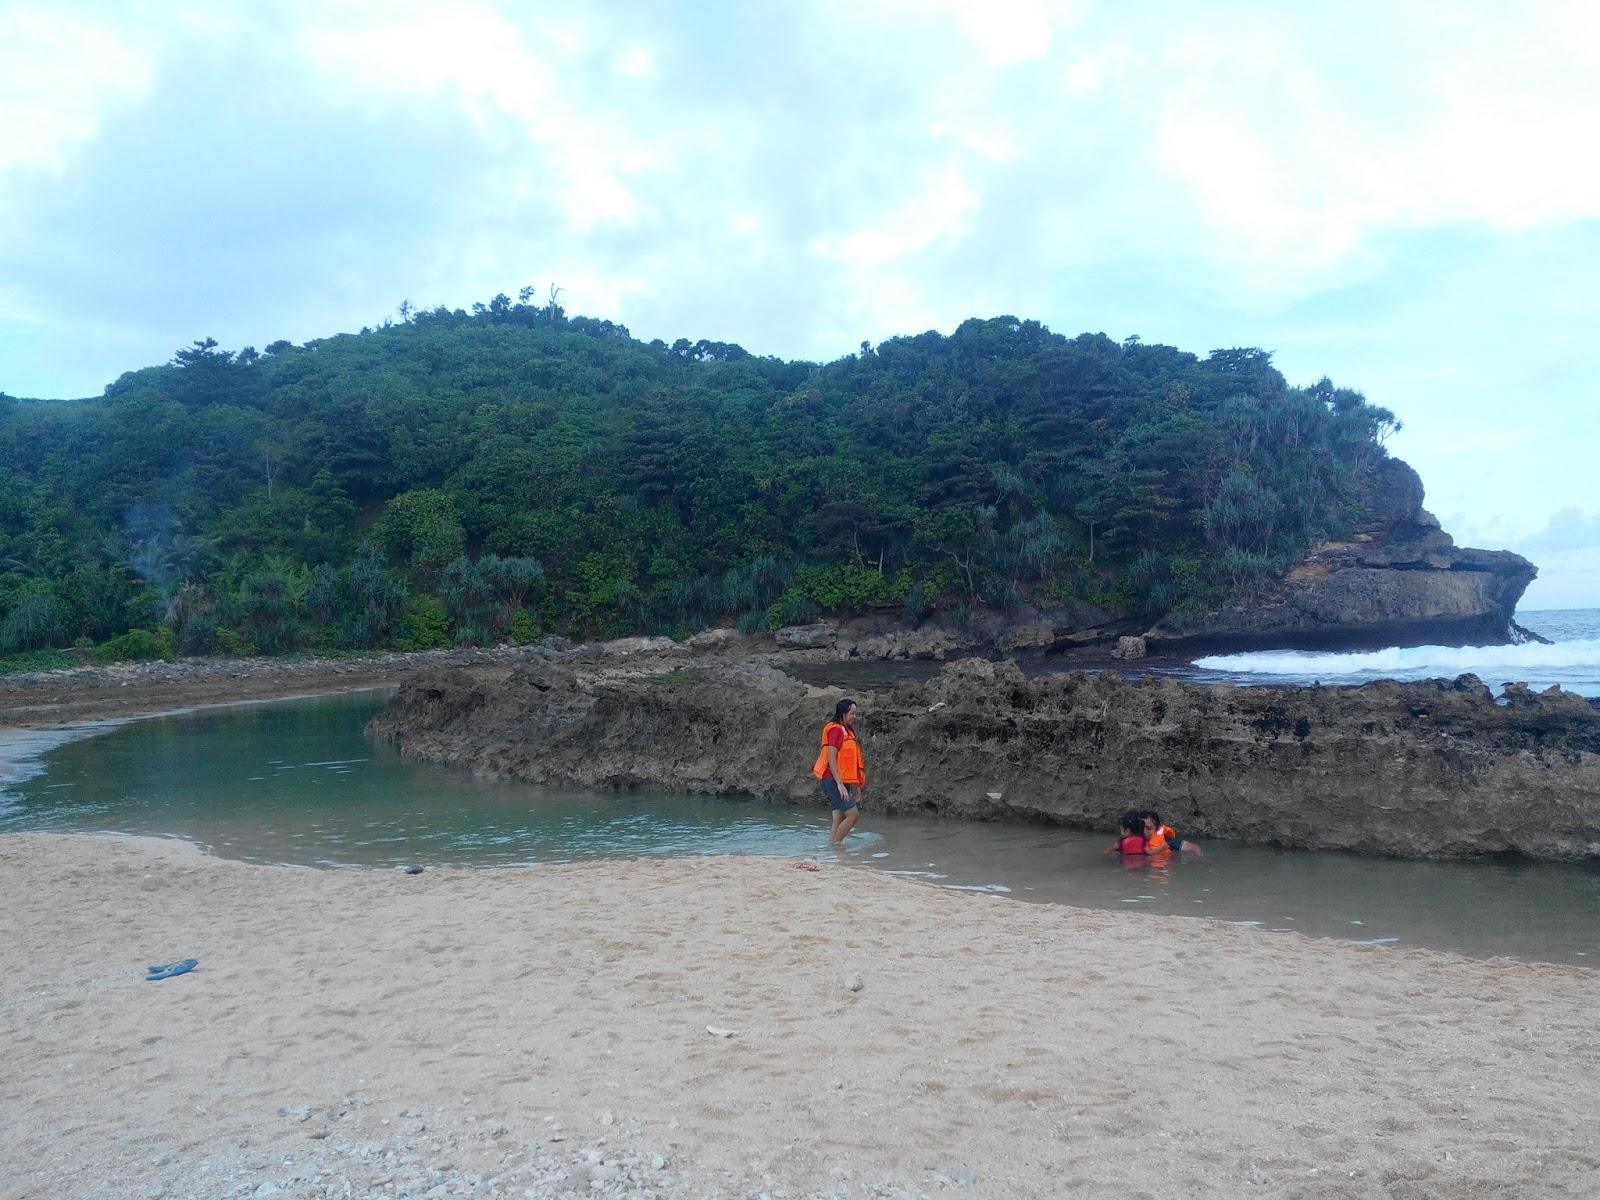 Djombie Explorer Dolan Dadakan Pantai Batu Bengkung Malang Bekung Kab